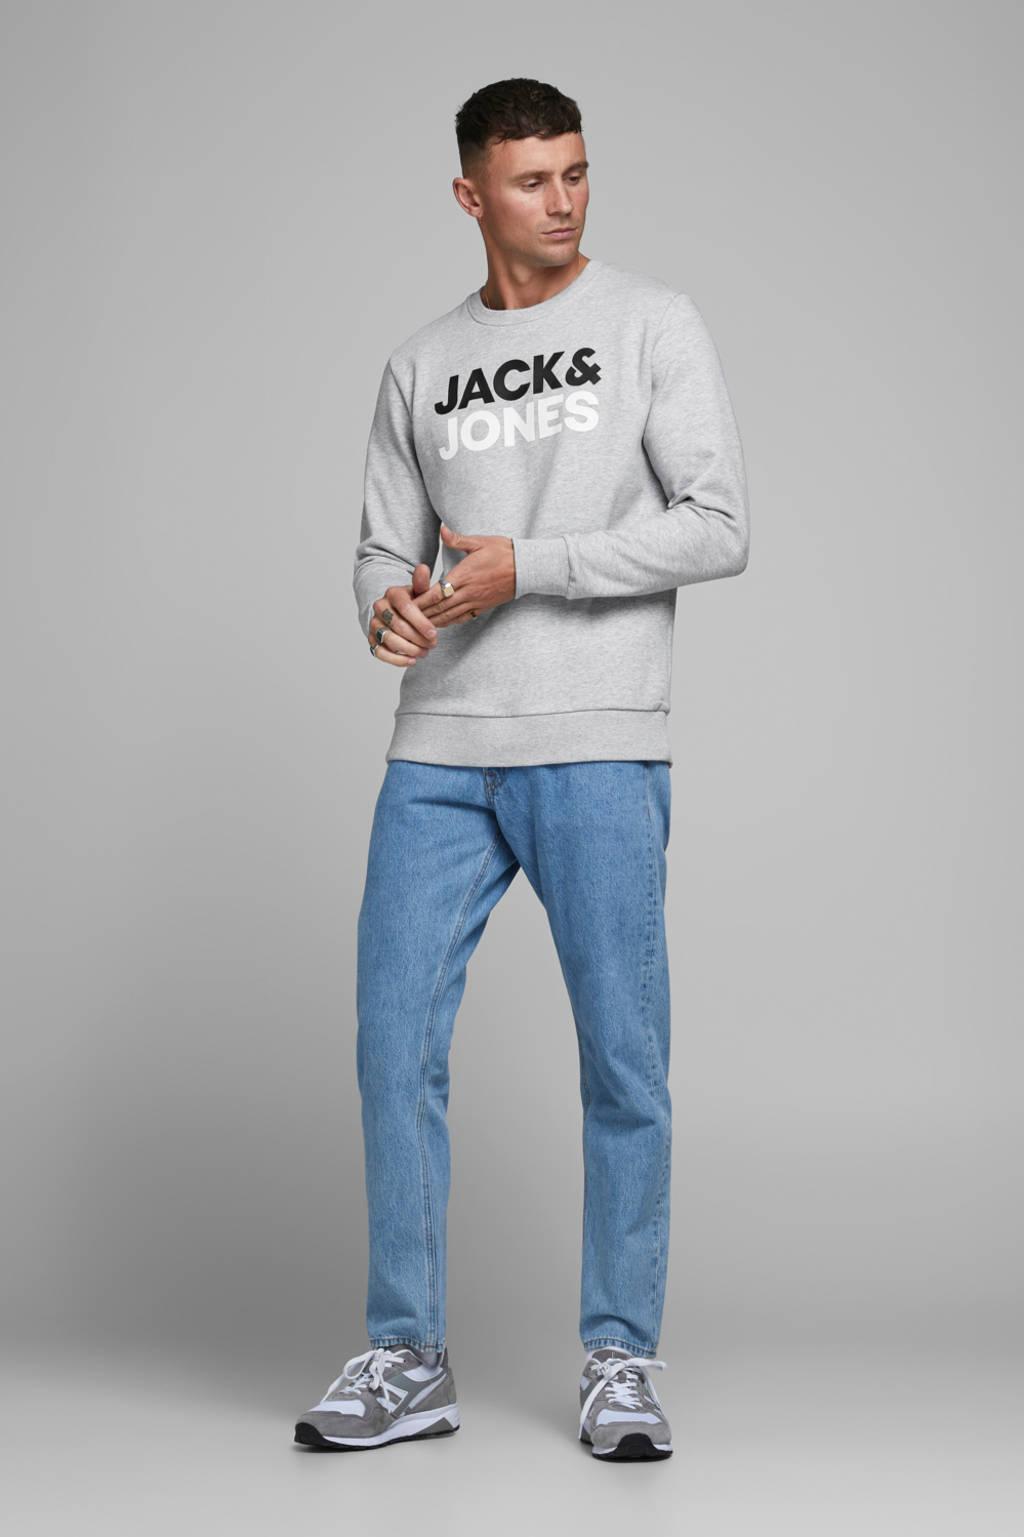 JACK & JONES ESSENTIALS sweater met logo lichtgrijs melange, Lichtgrijs melange